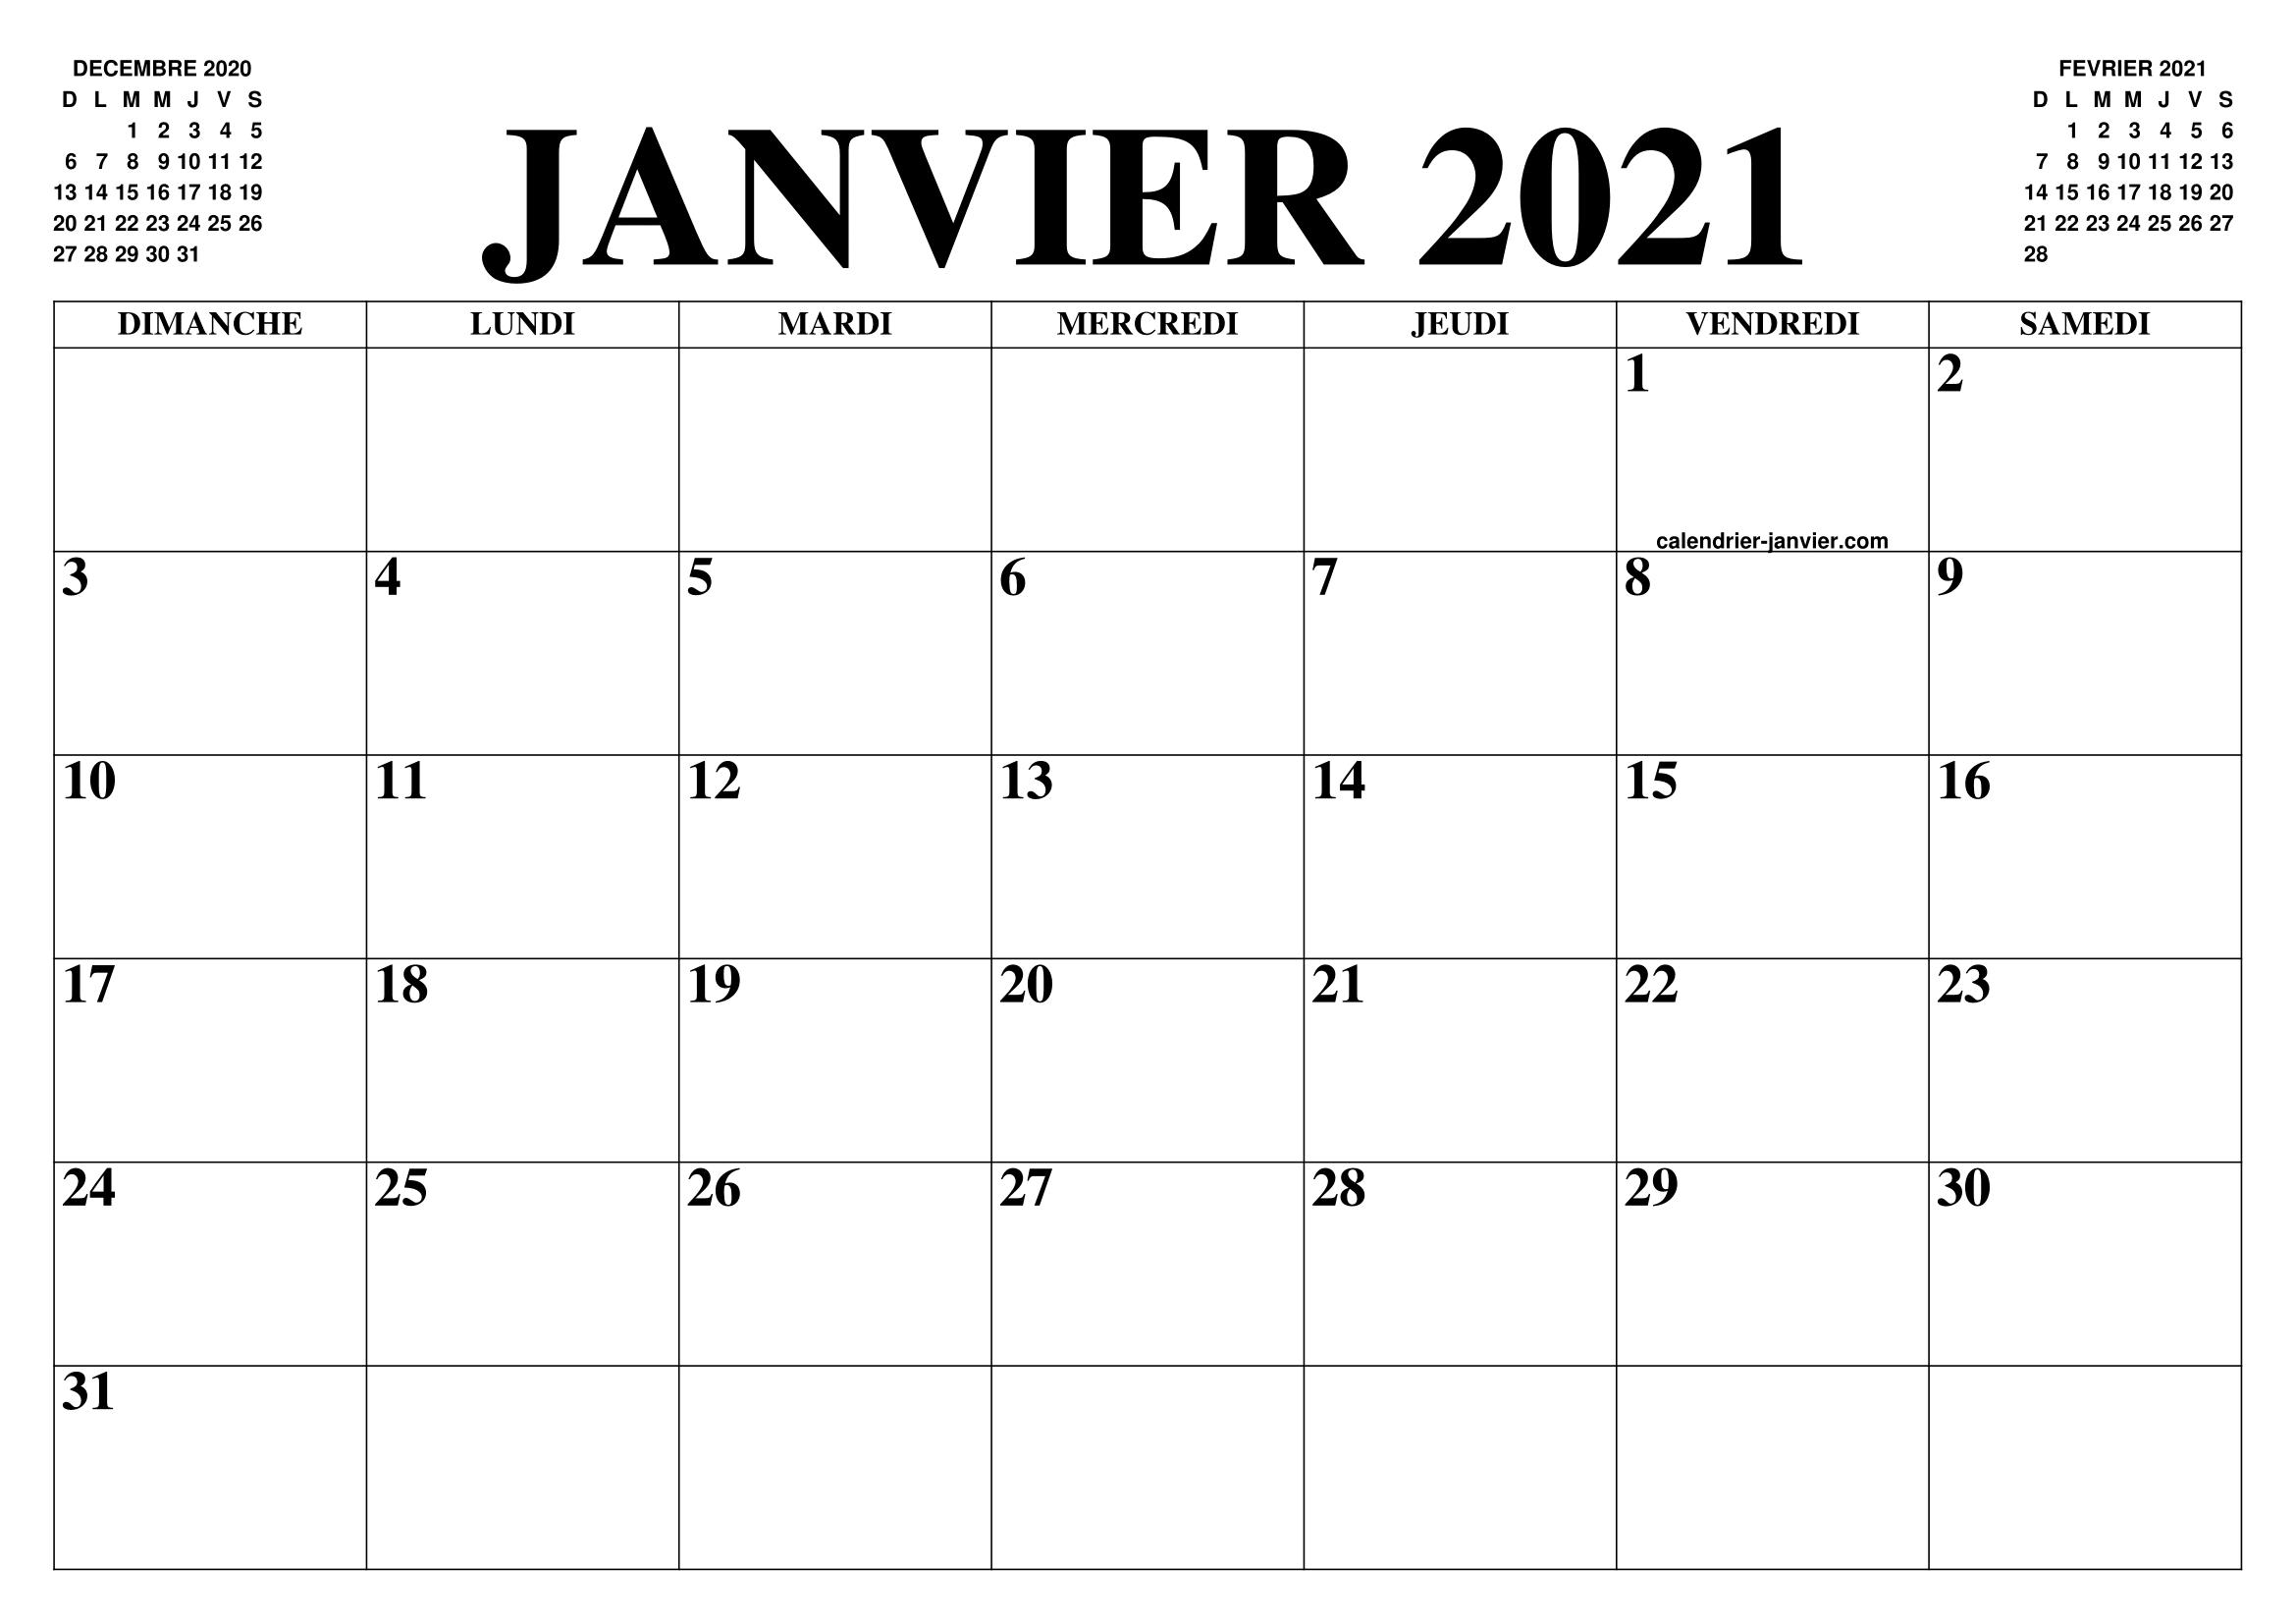 Calendrier 2021 Gratuit.Calendrier Janvier 2021 Le Calendrier Du Mois De Janvier